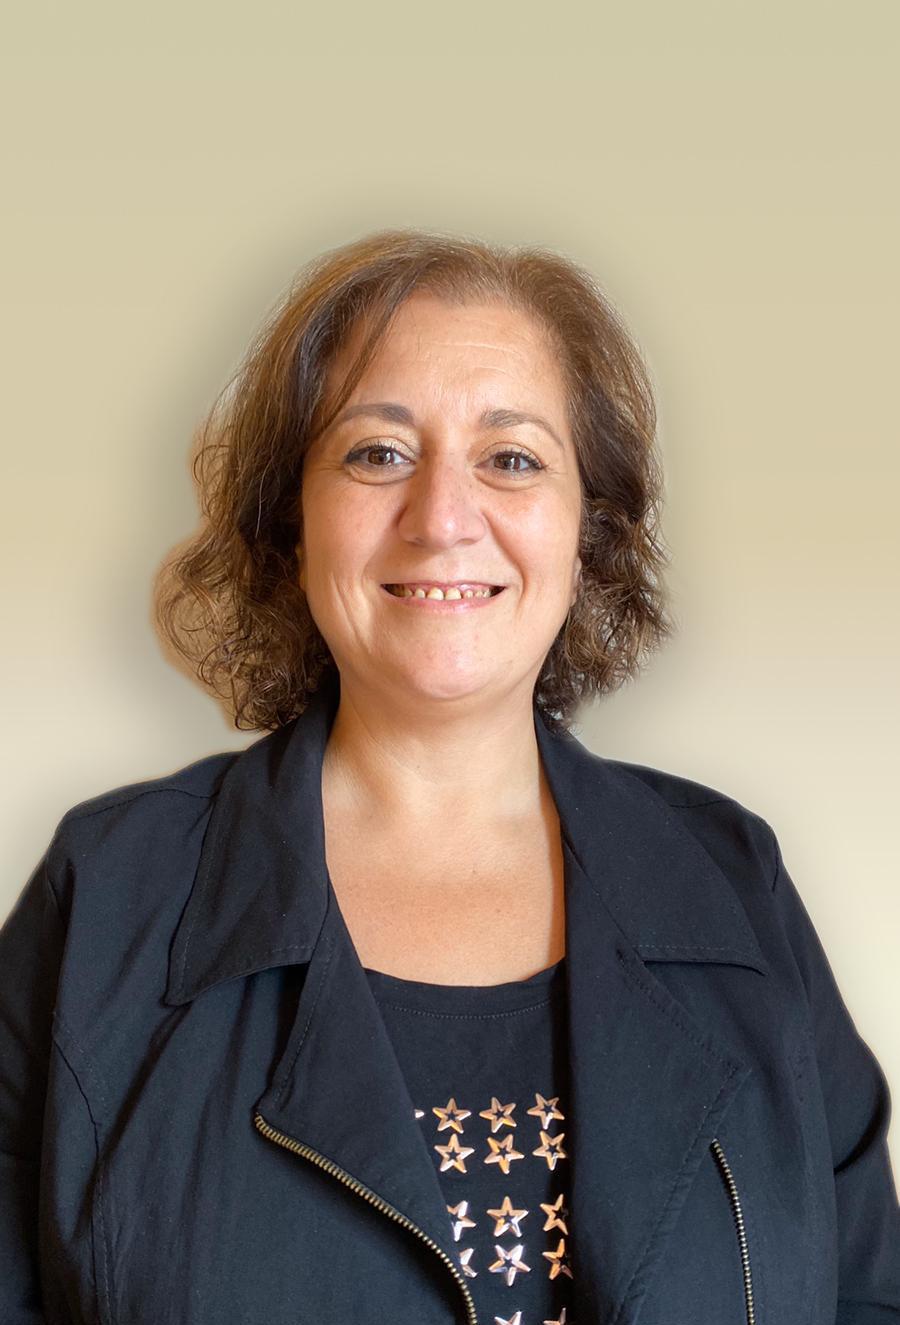 Lorena Etcheverry